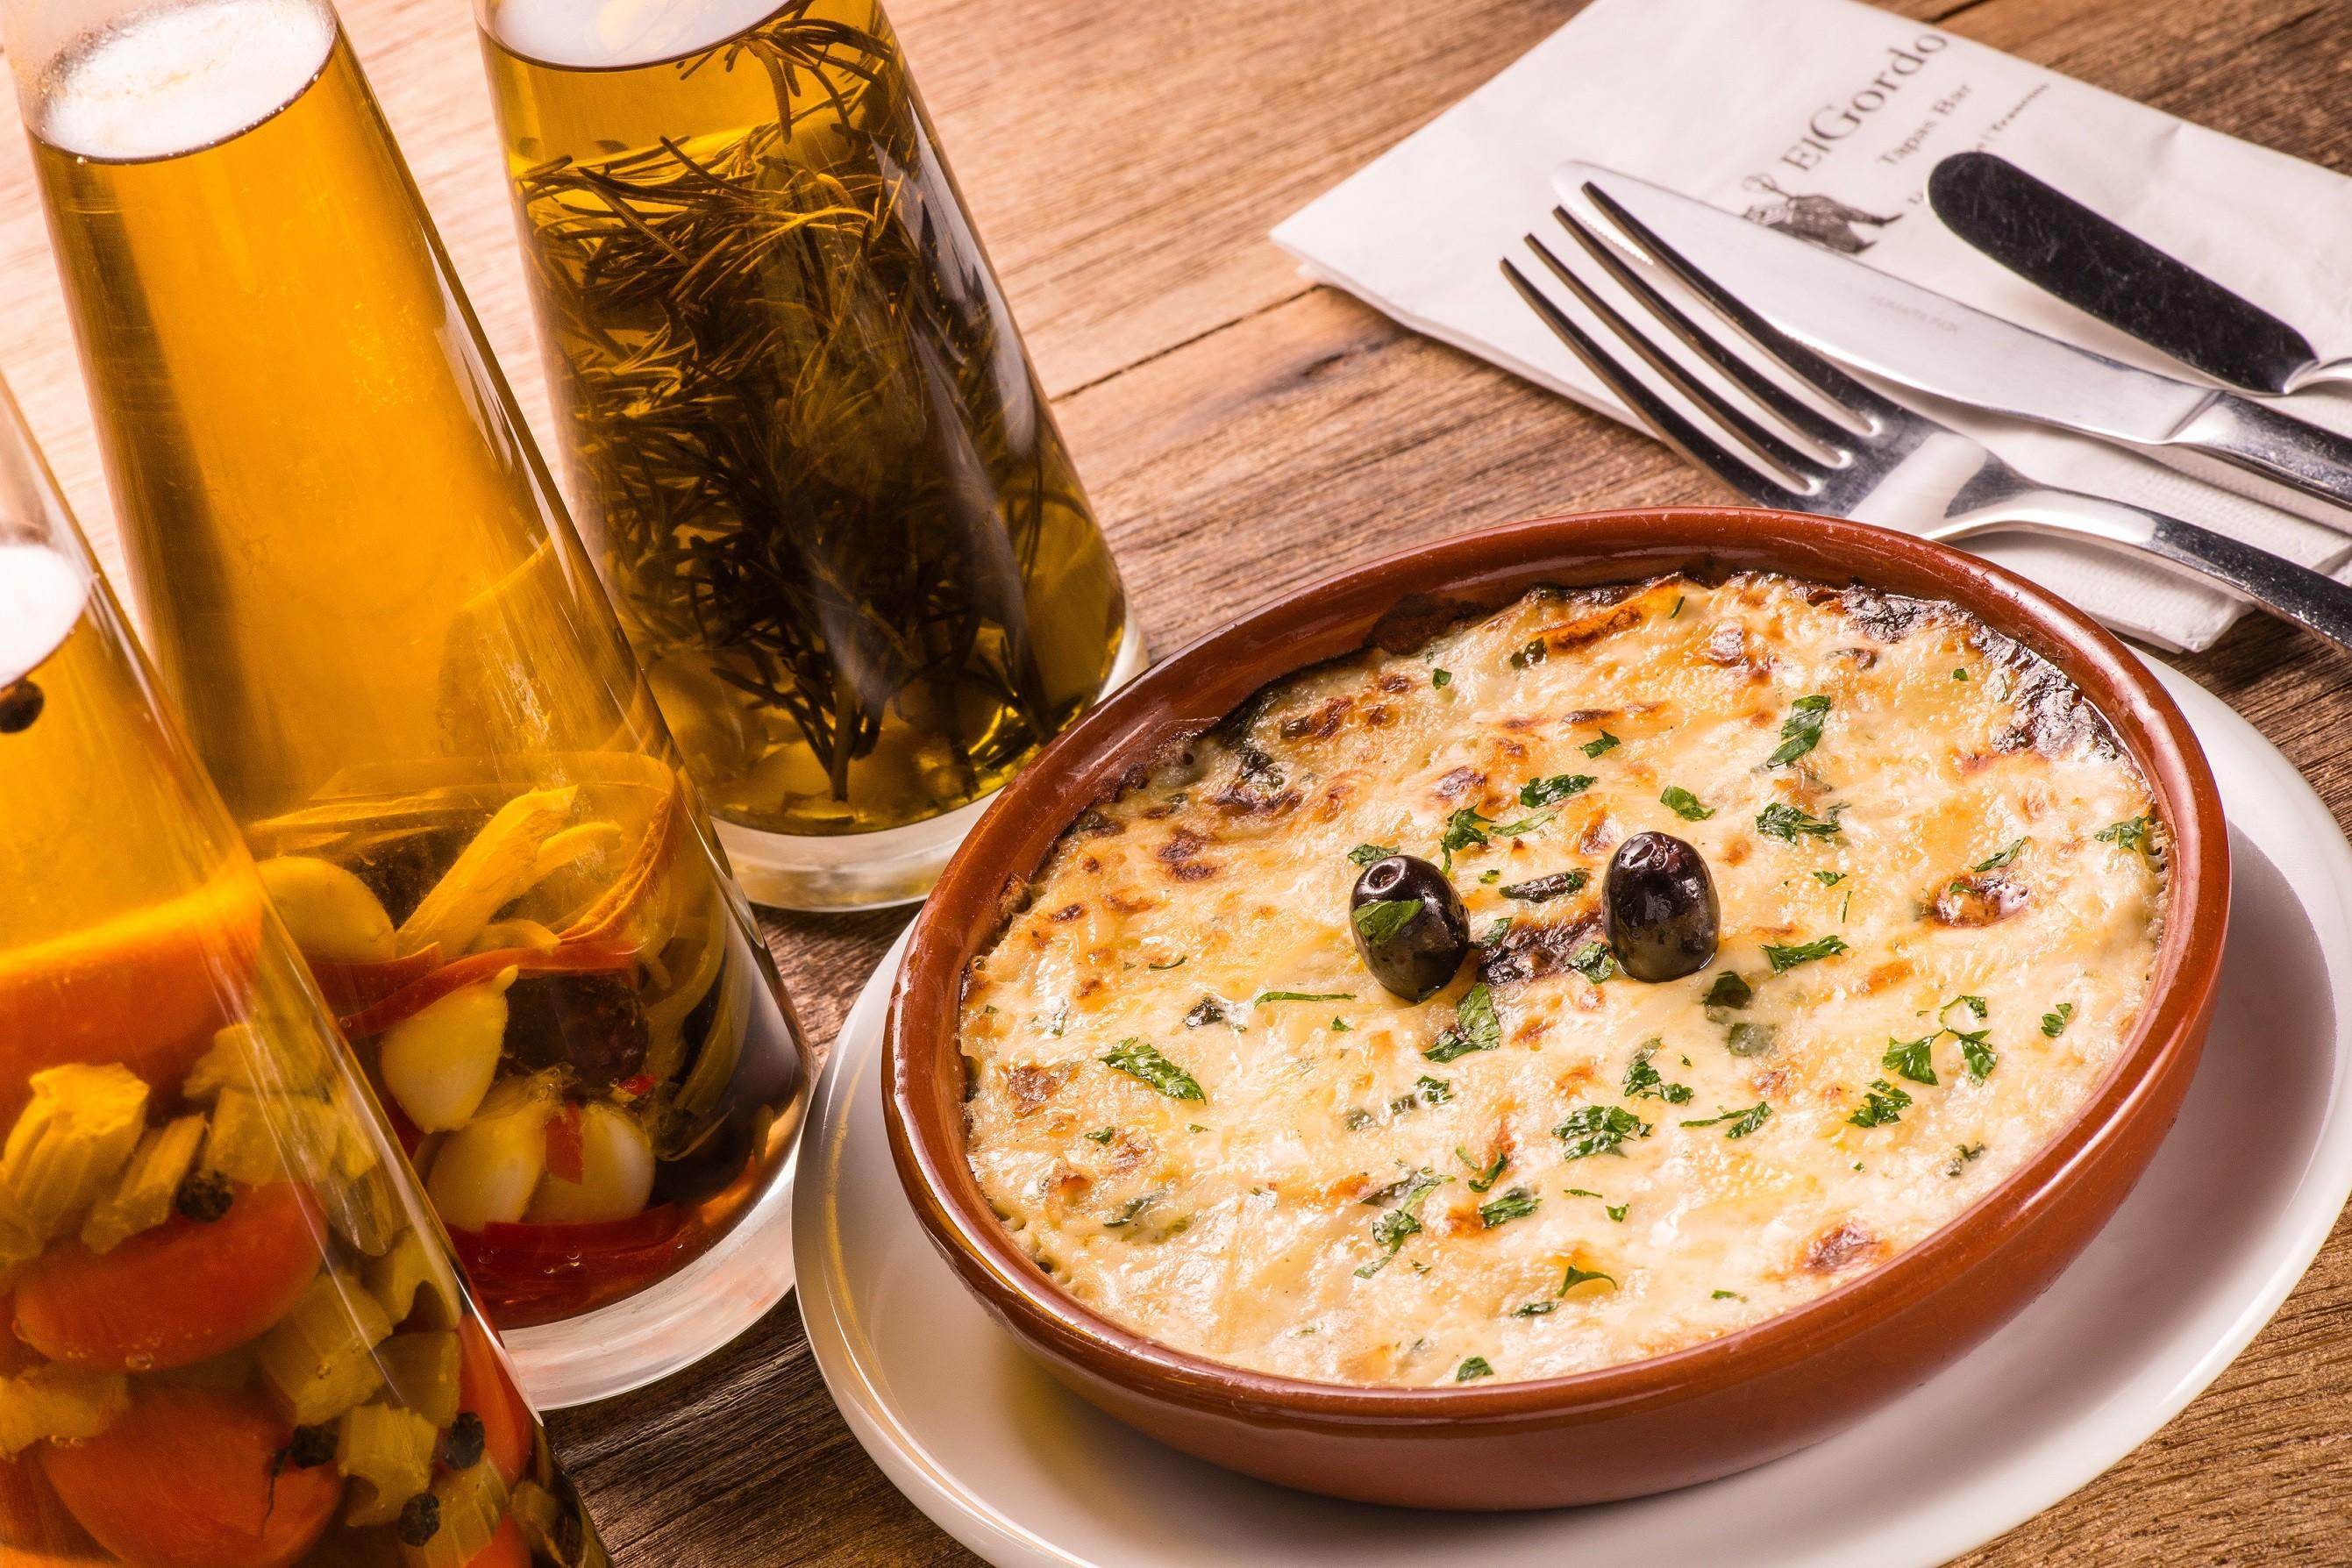 Receita: bacalhau com natas é tradição portuguesa na sua mesa